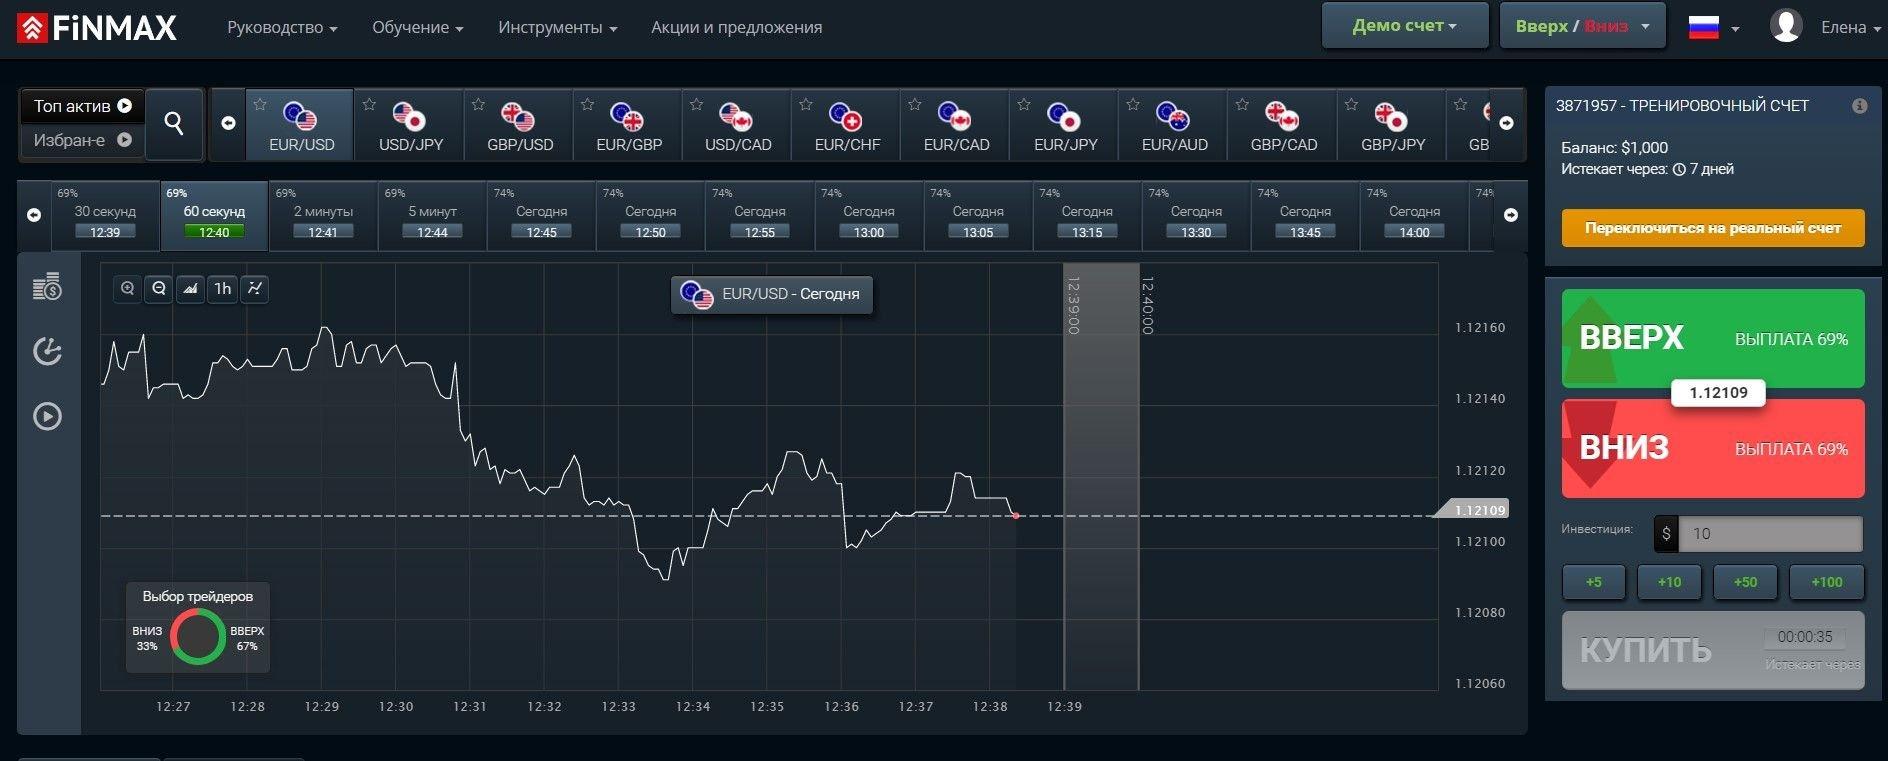 Qual è il miglior conto demo per il trading online? - Guida al trading online